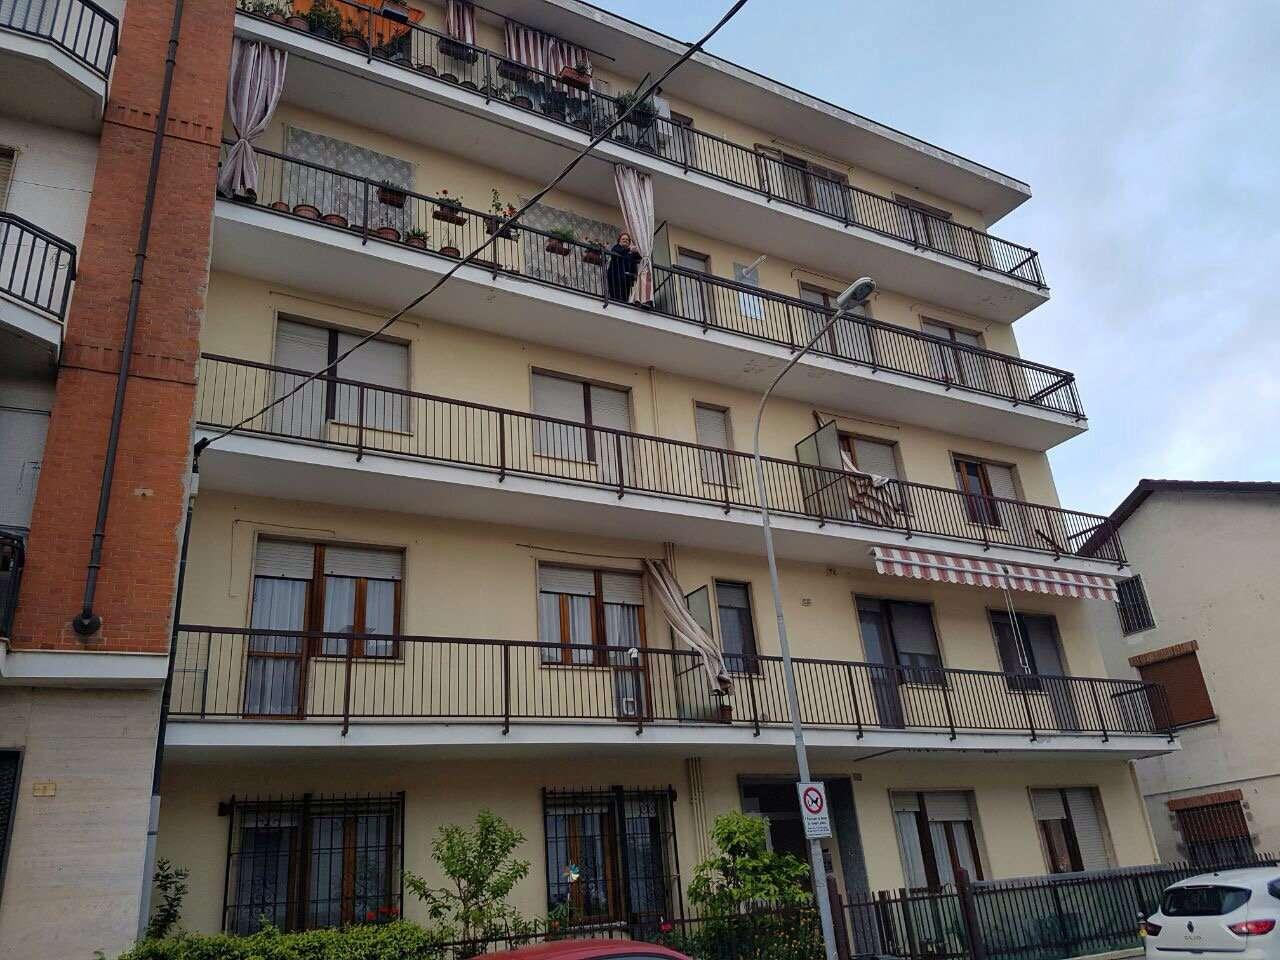 Appartamento in vendita a Poirino, 4 locali, prezzo € 82.000 | CambioCasa.it